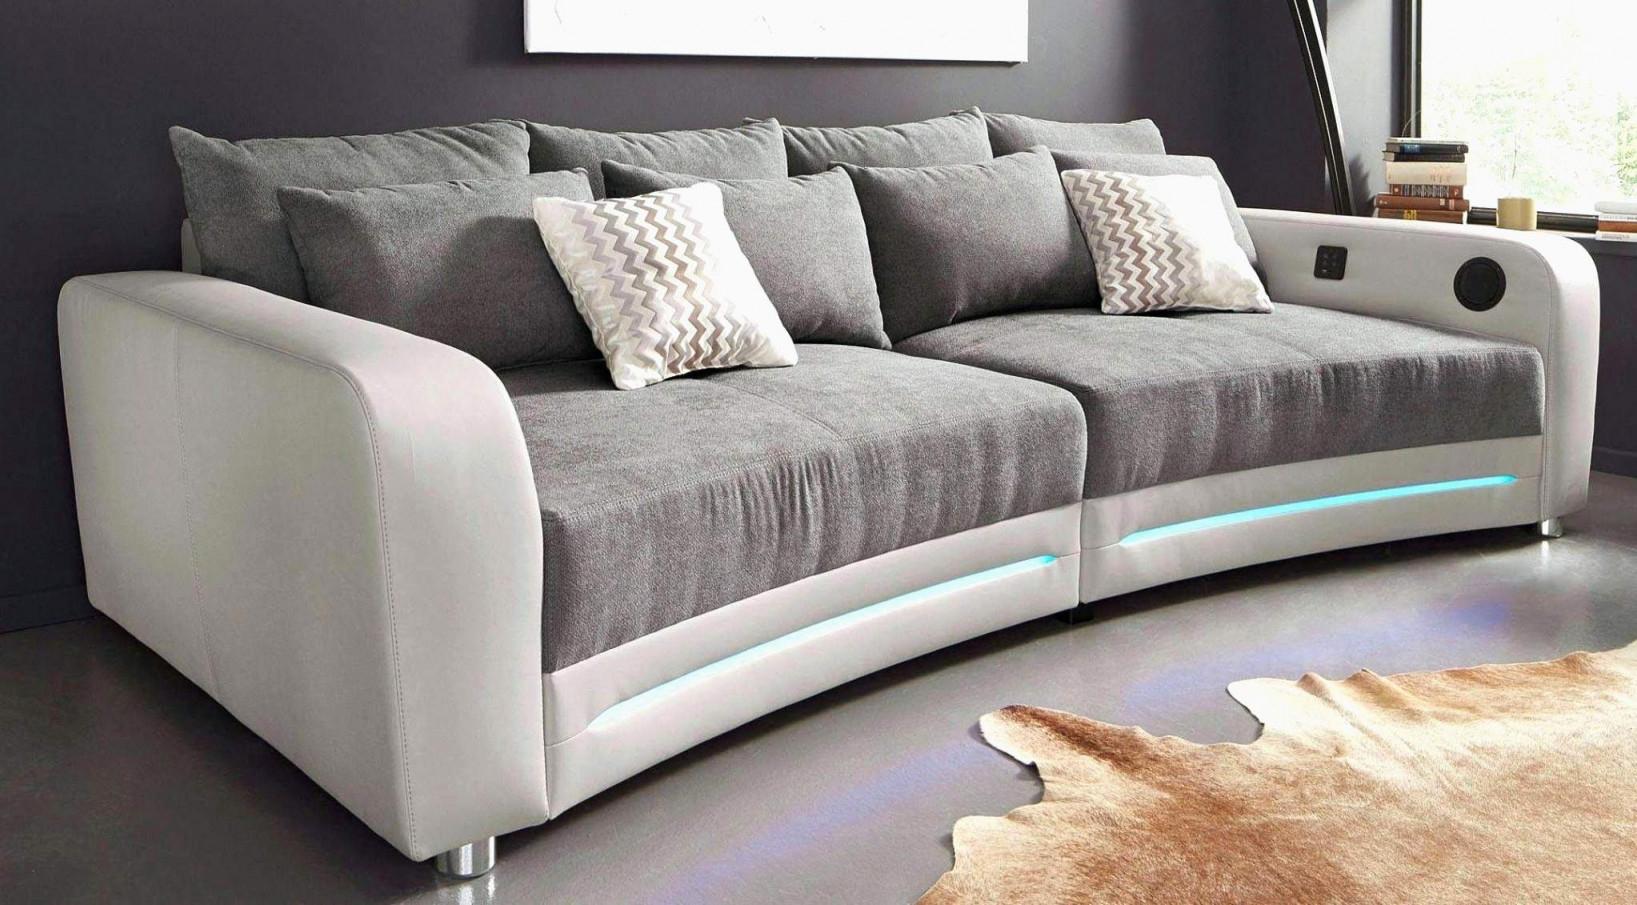 Wohnzimmer Ideen Wandgestaltung Grau Elegant Wohnzimmer In von Wohnzimmer Ideen Graues Sofa Photo